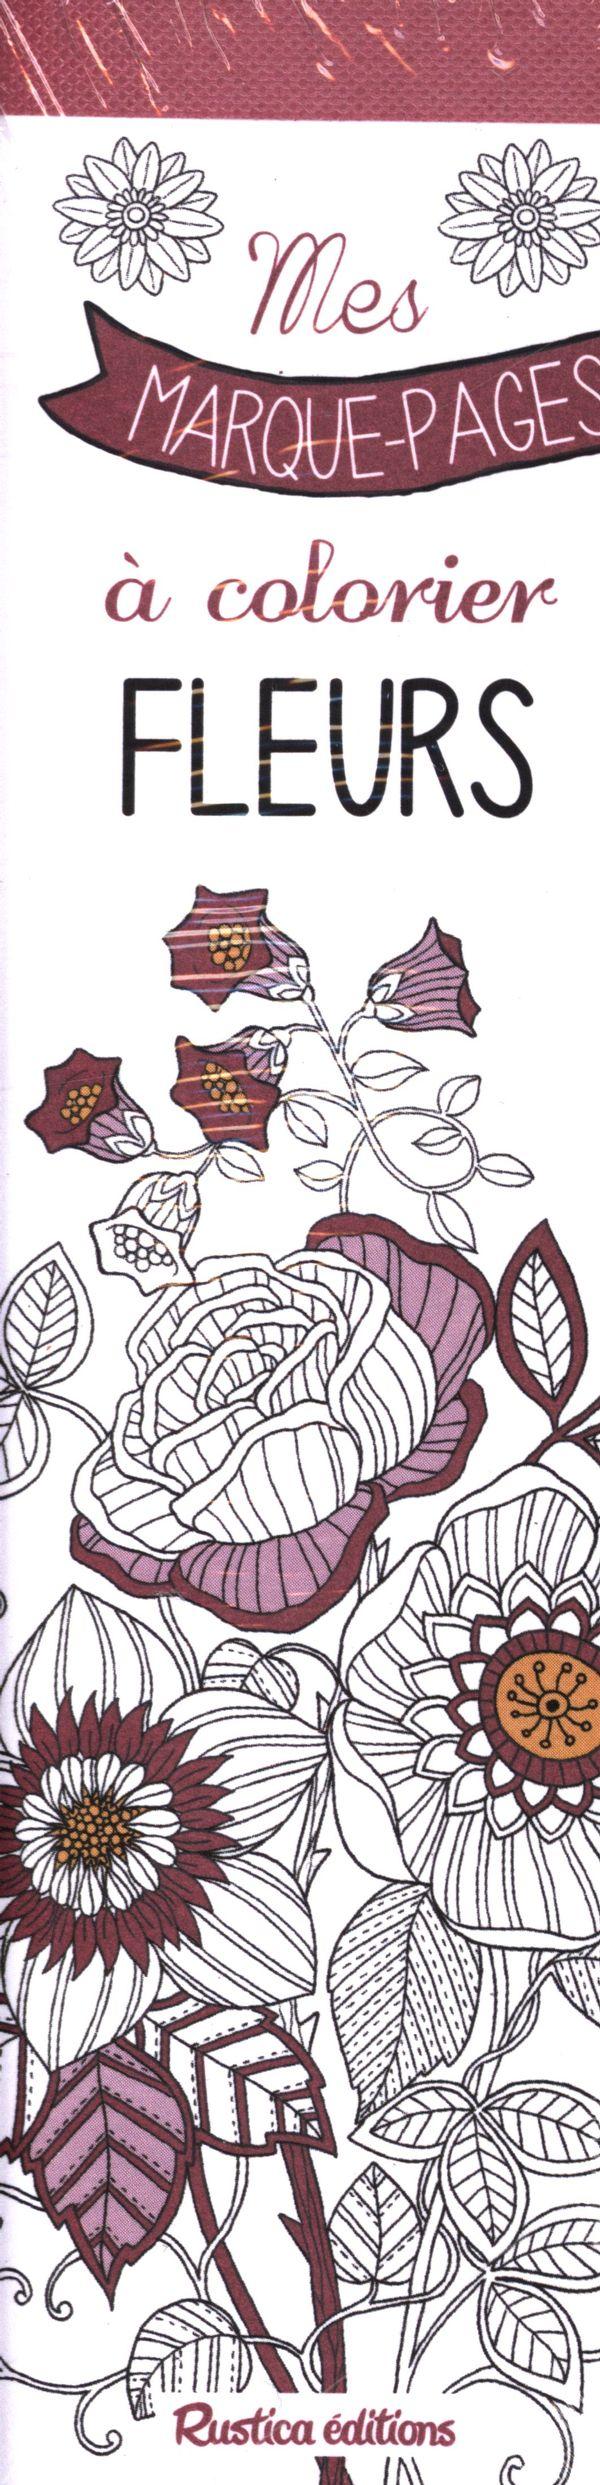 Mes marque pages  colorier Fleurs